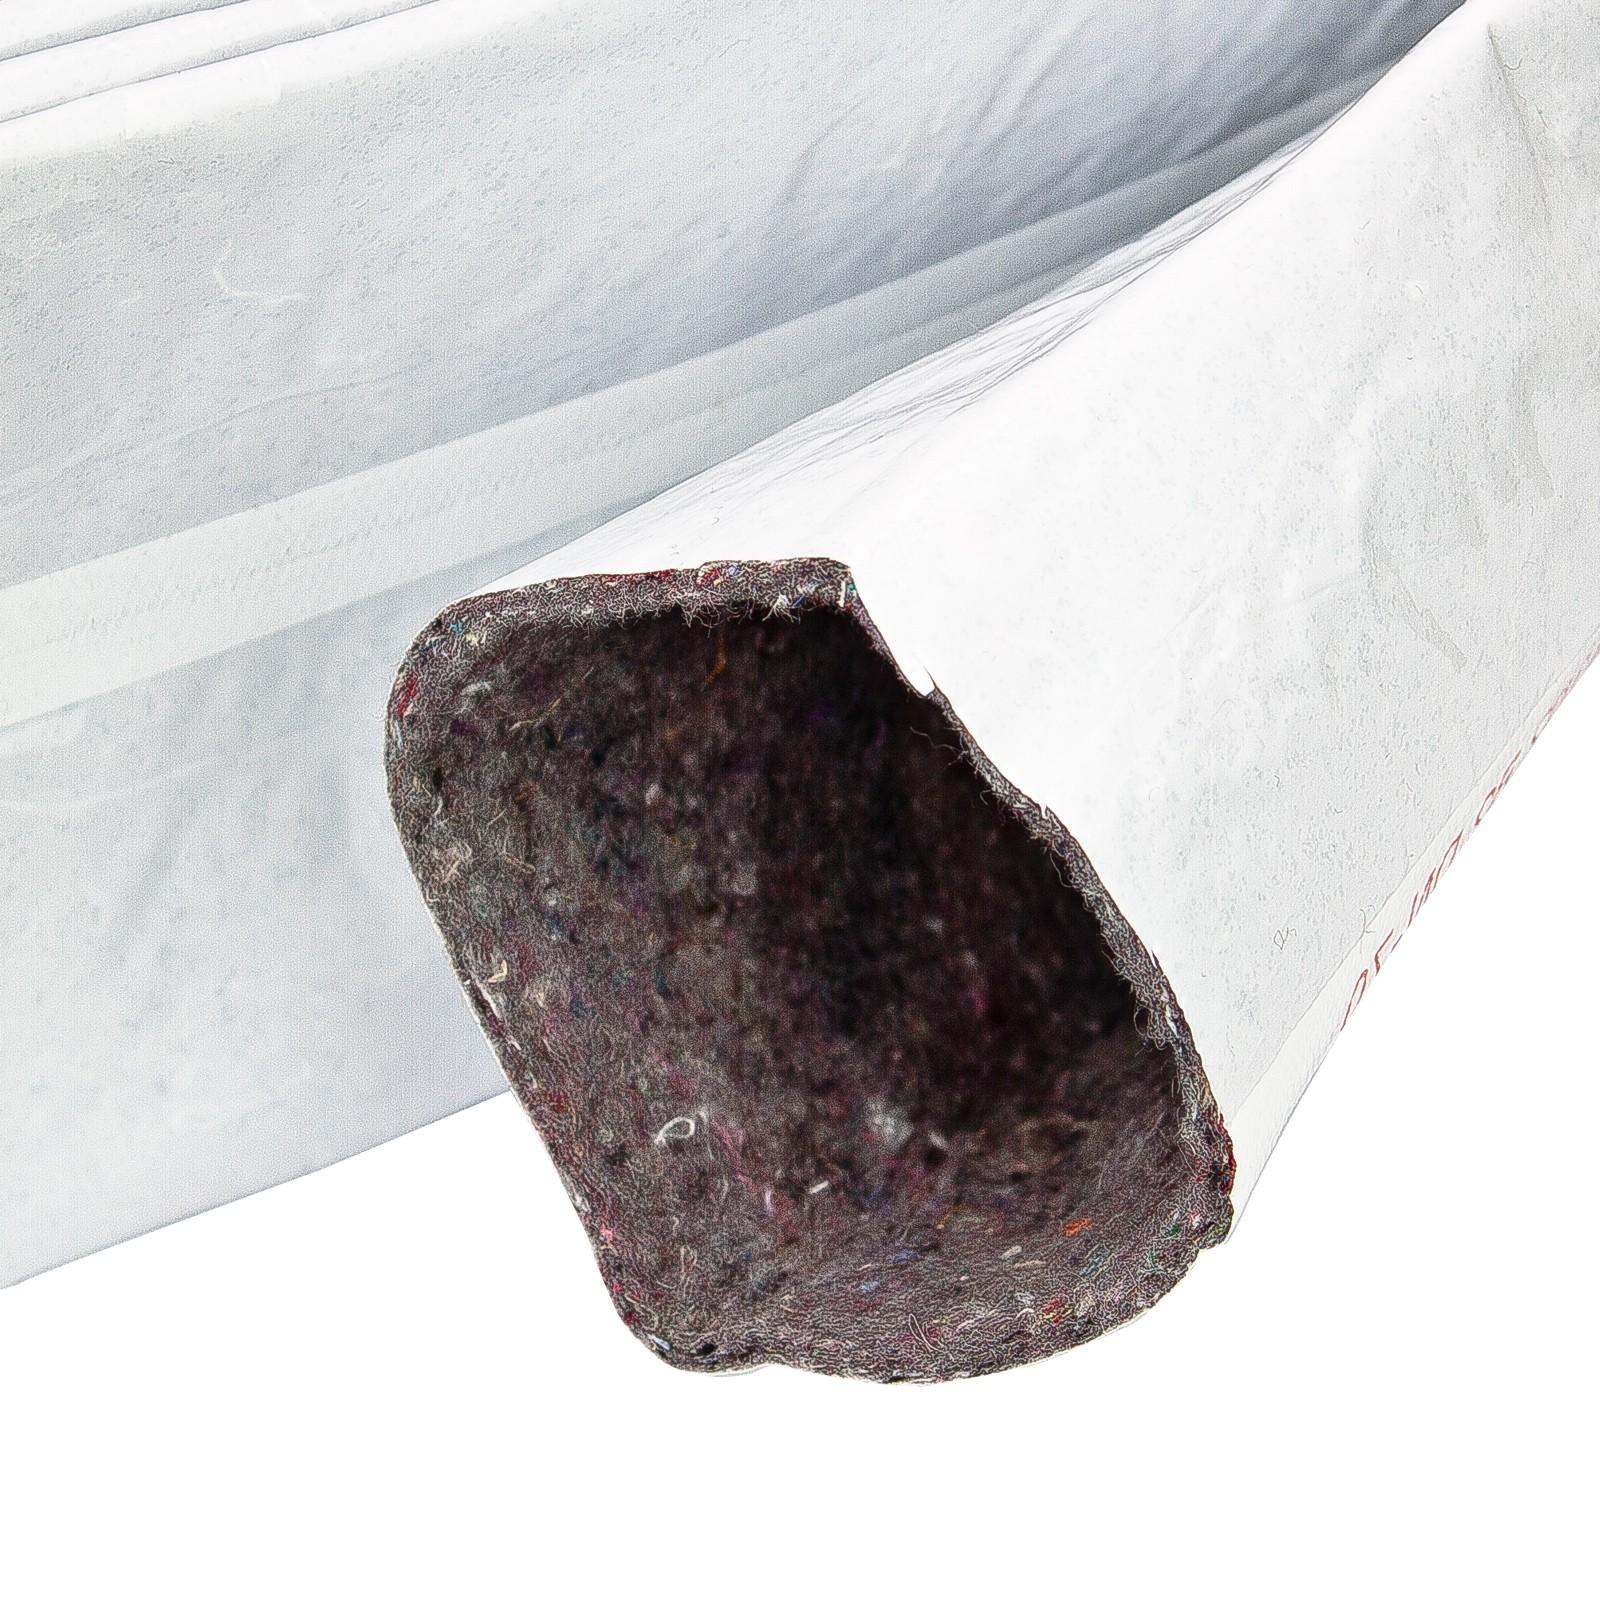 10m vlies isolierschlauch dn50 rohrisolierung schutzschlauch ebay. Black Bedroom Furniture Sets. Home Design Ideas